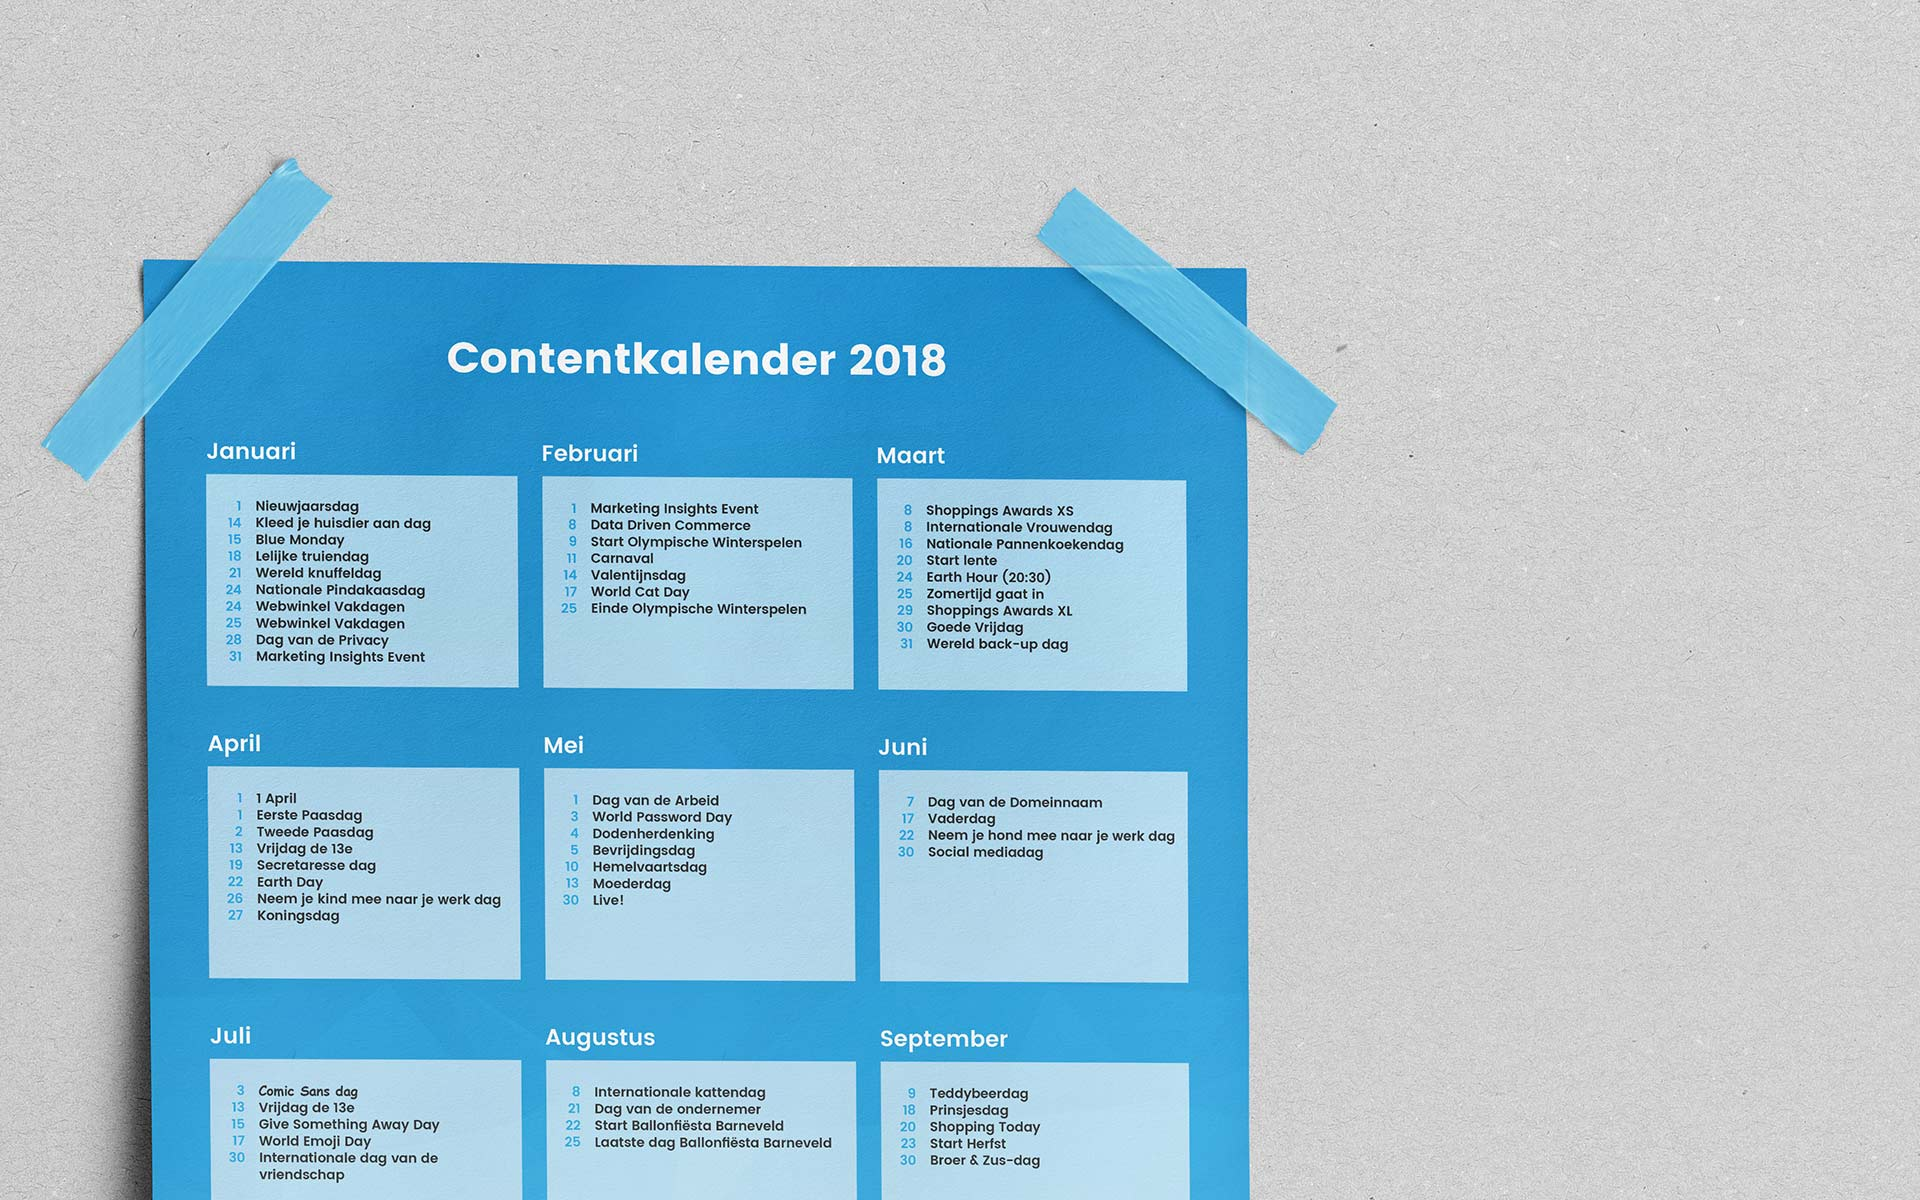 Deze contentkalender is voor jou